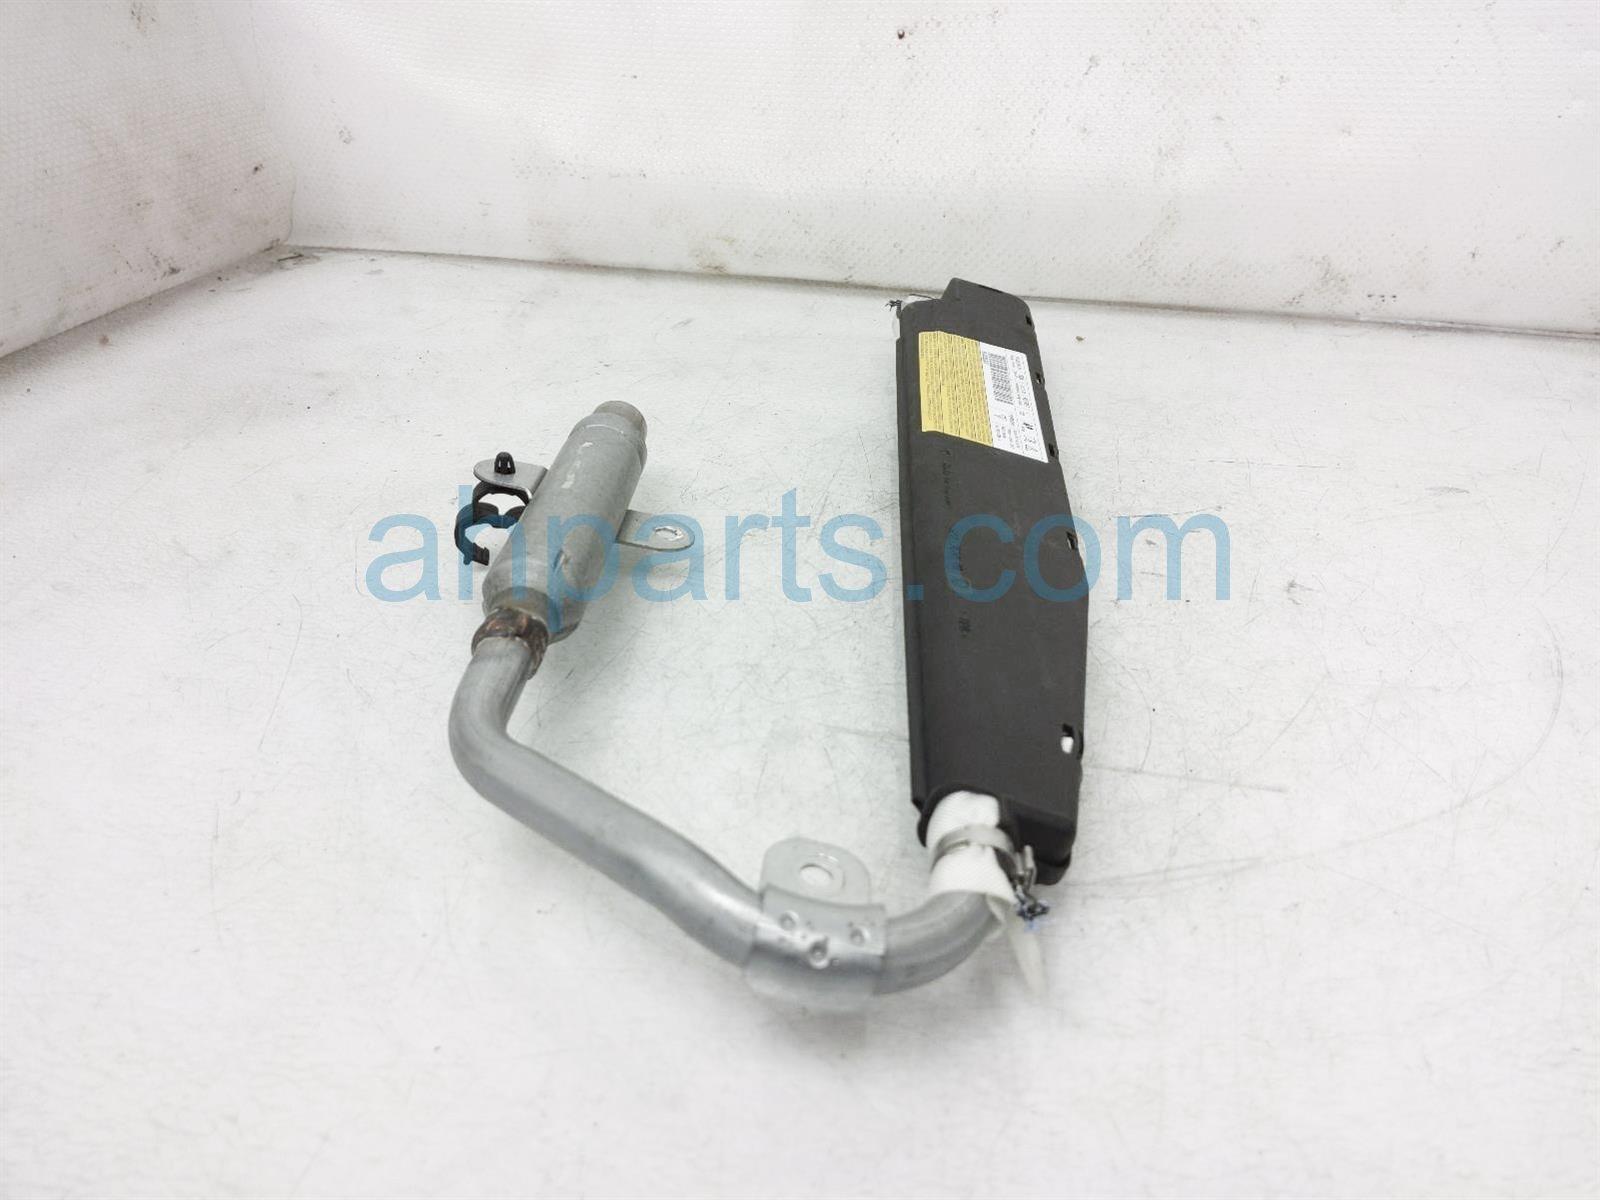 2011 Porsche Cayman Driver Door Airbag 997 803 091 04 Replacement